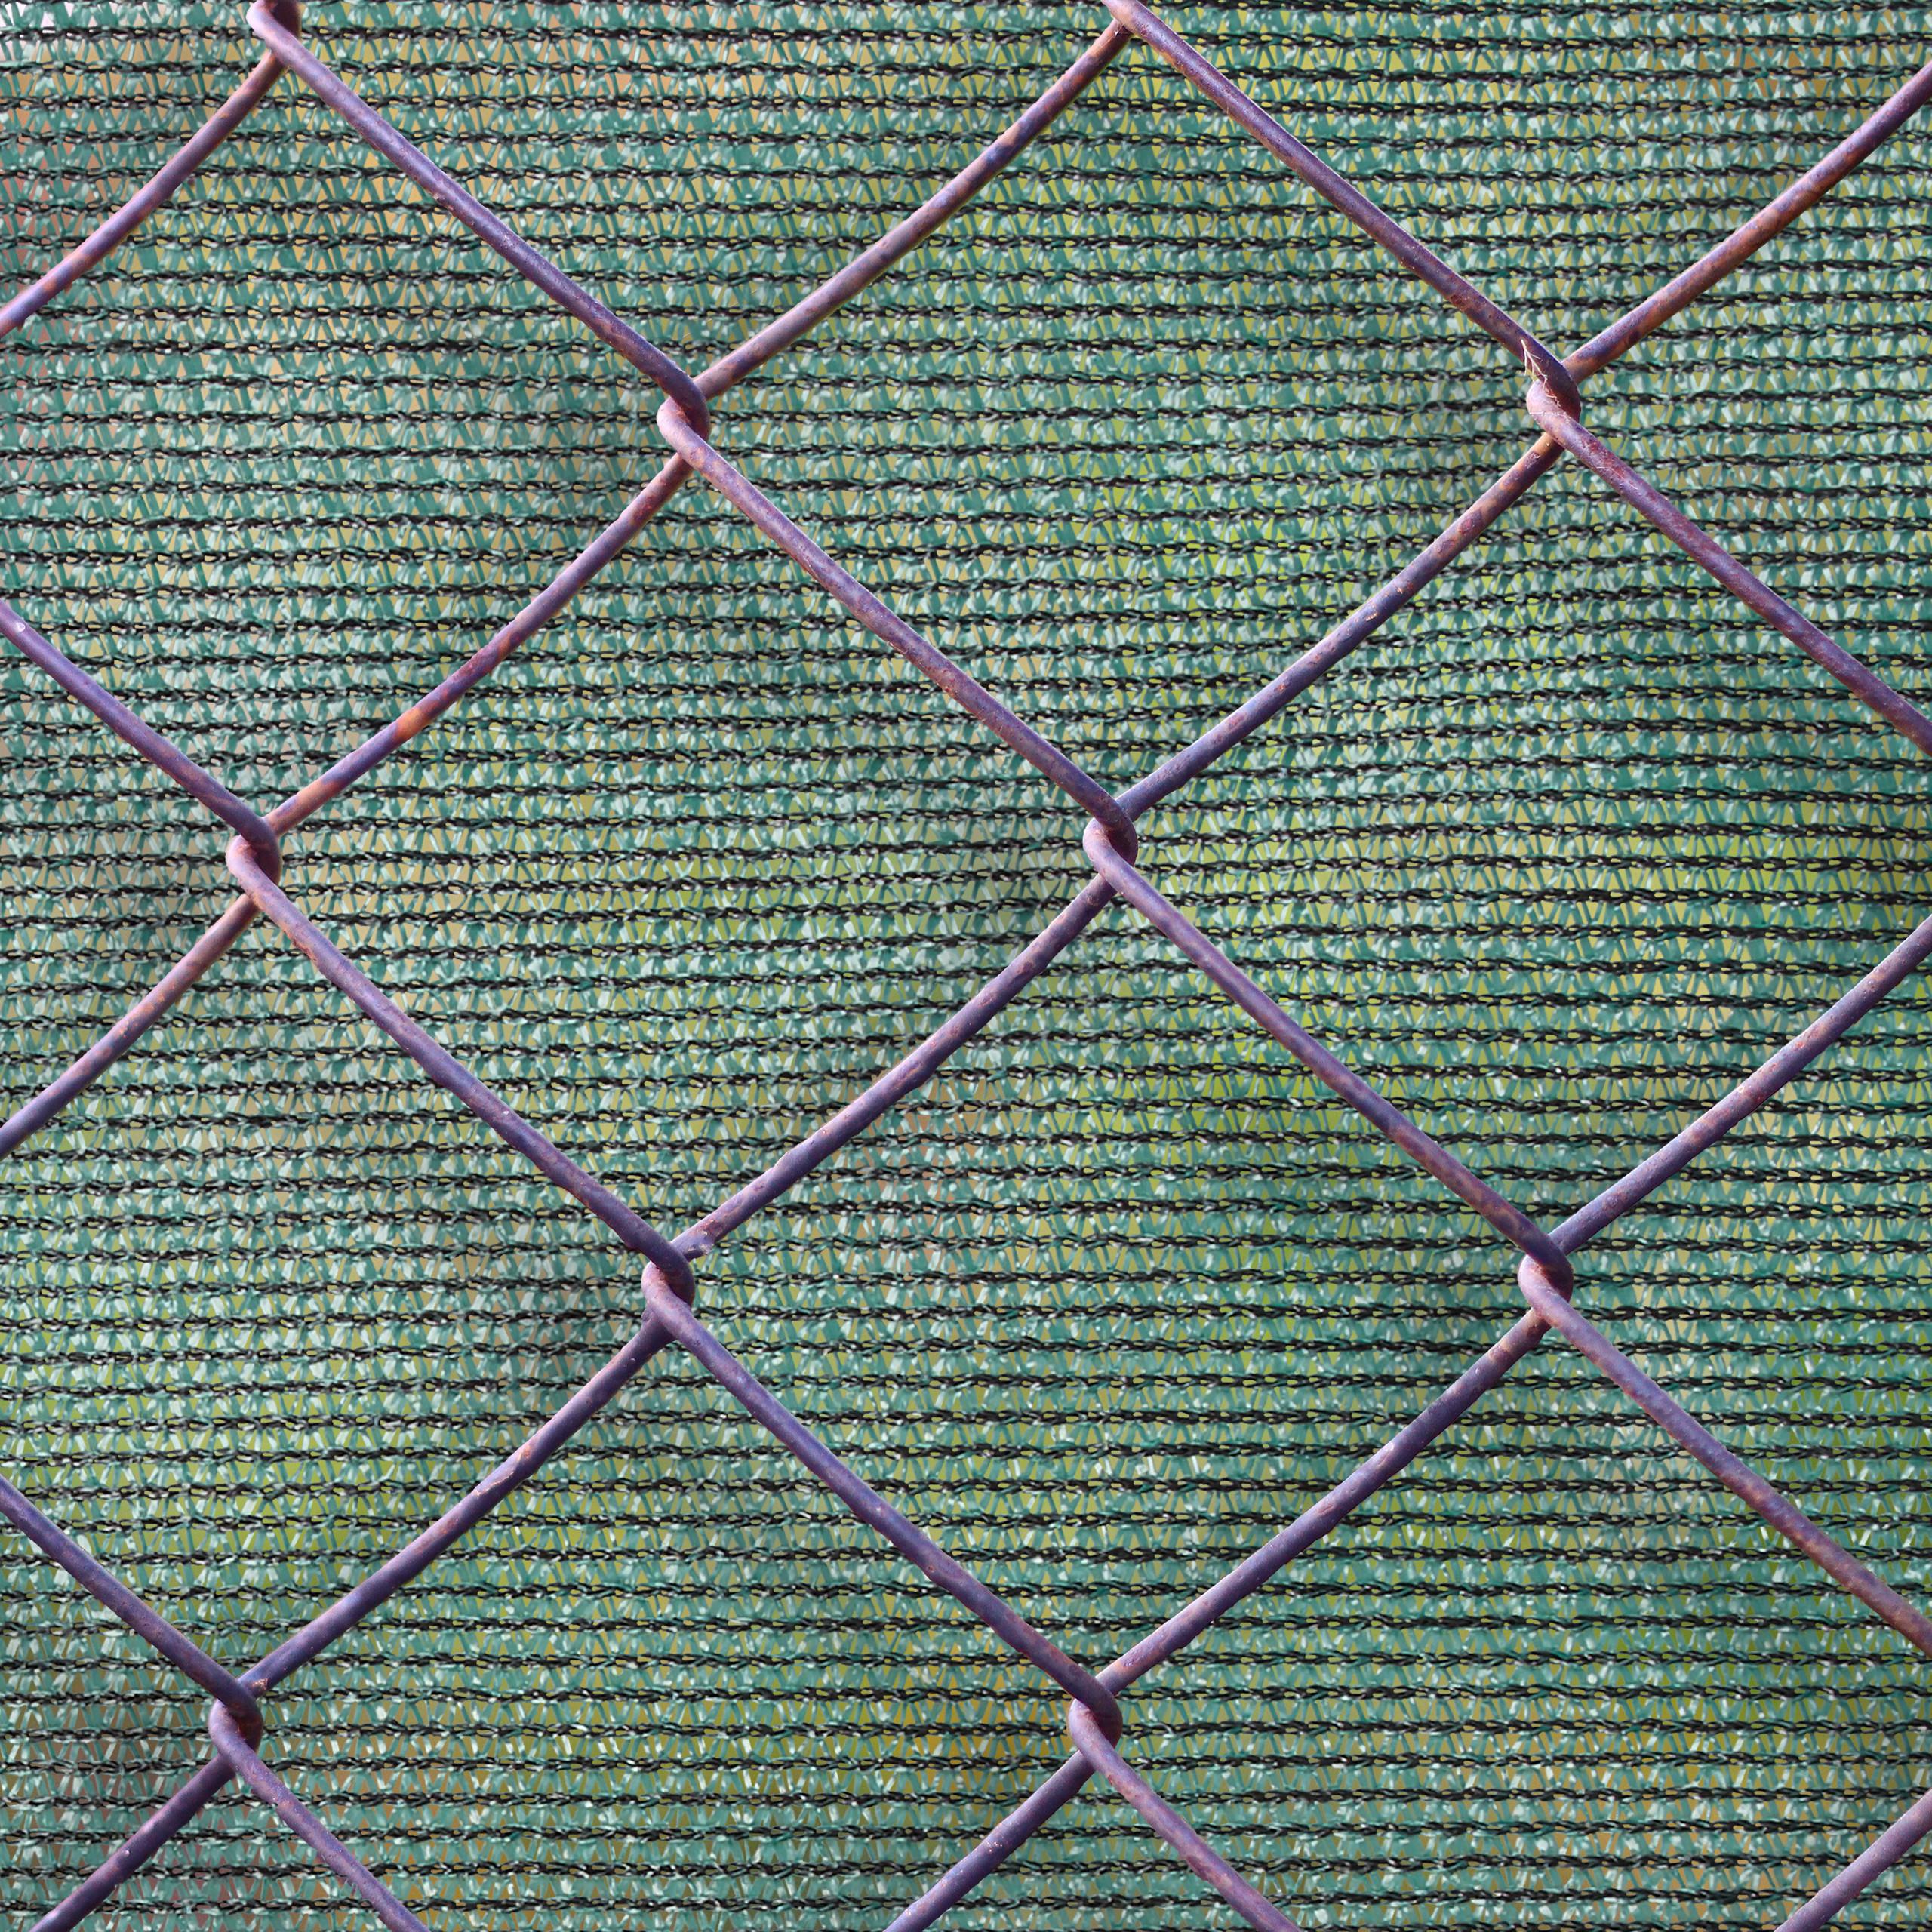 Indexbild 13 - Zaunblende grün 1m hoch, Sichtschutz Gartenzaun, Zaunsichtschutz, HDPE 150g/m²